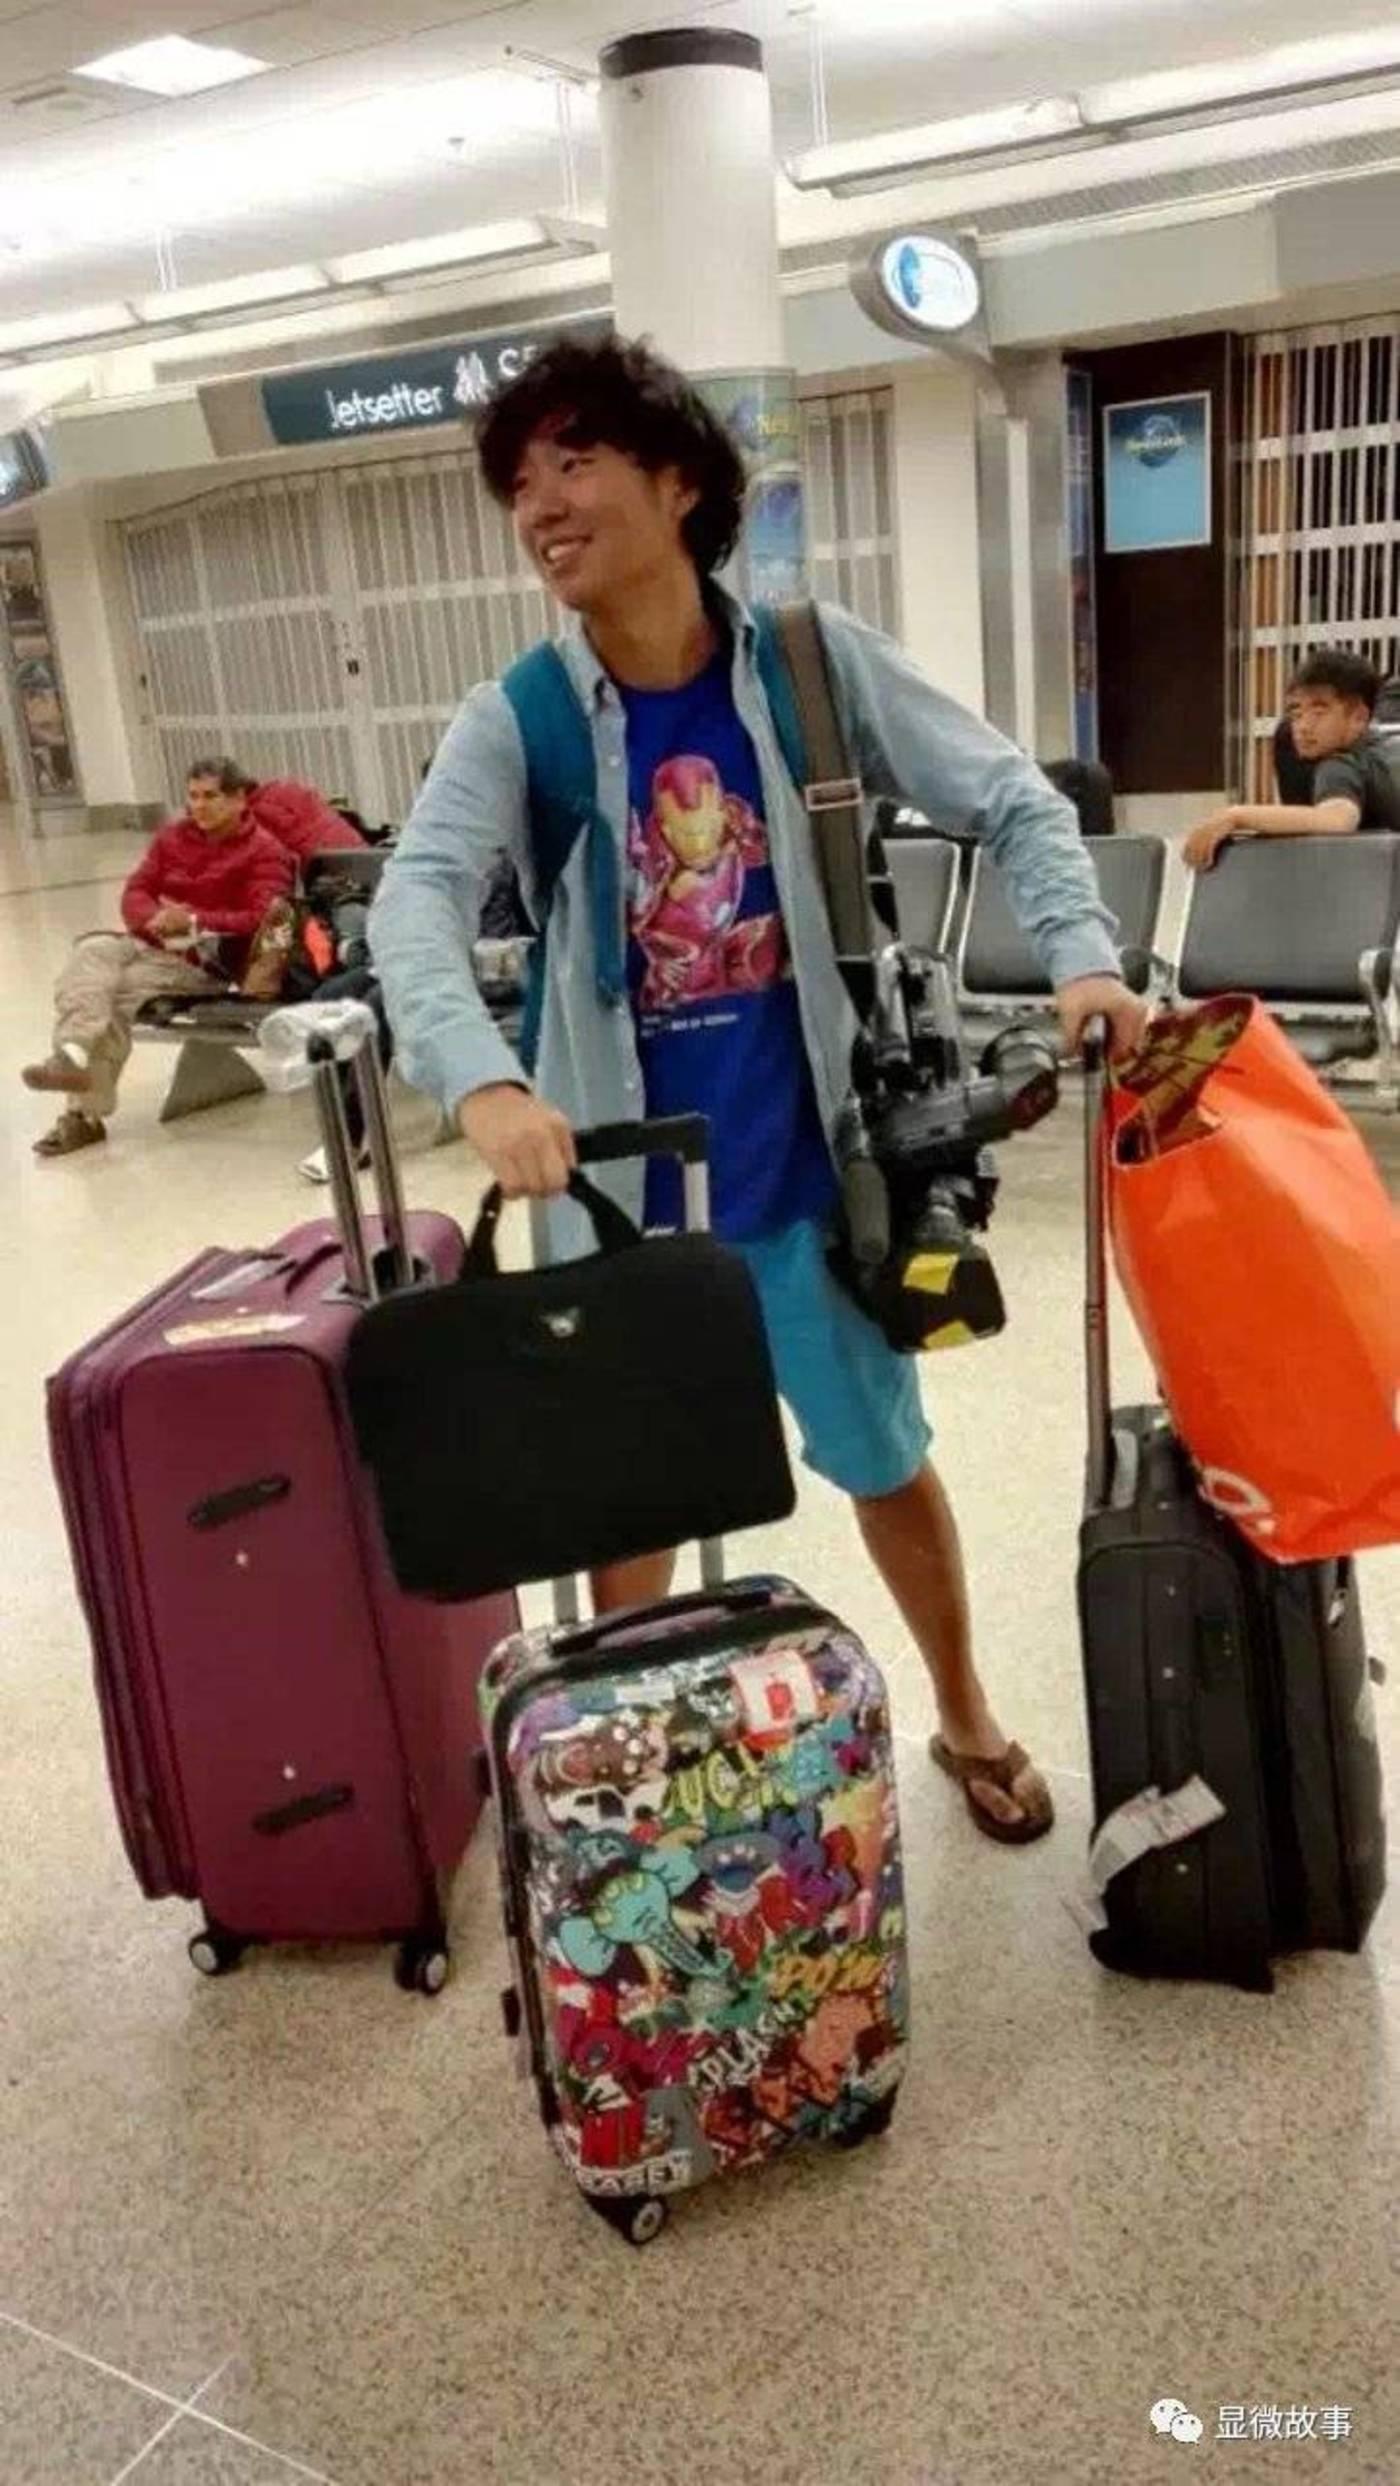 ▲每次外出拍摄时我的行李都很多。